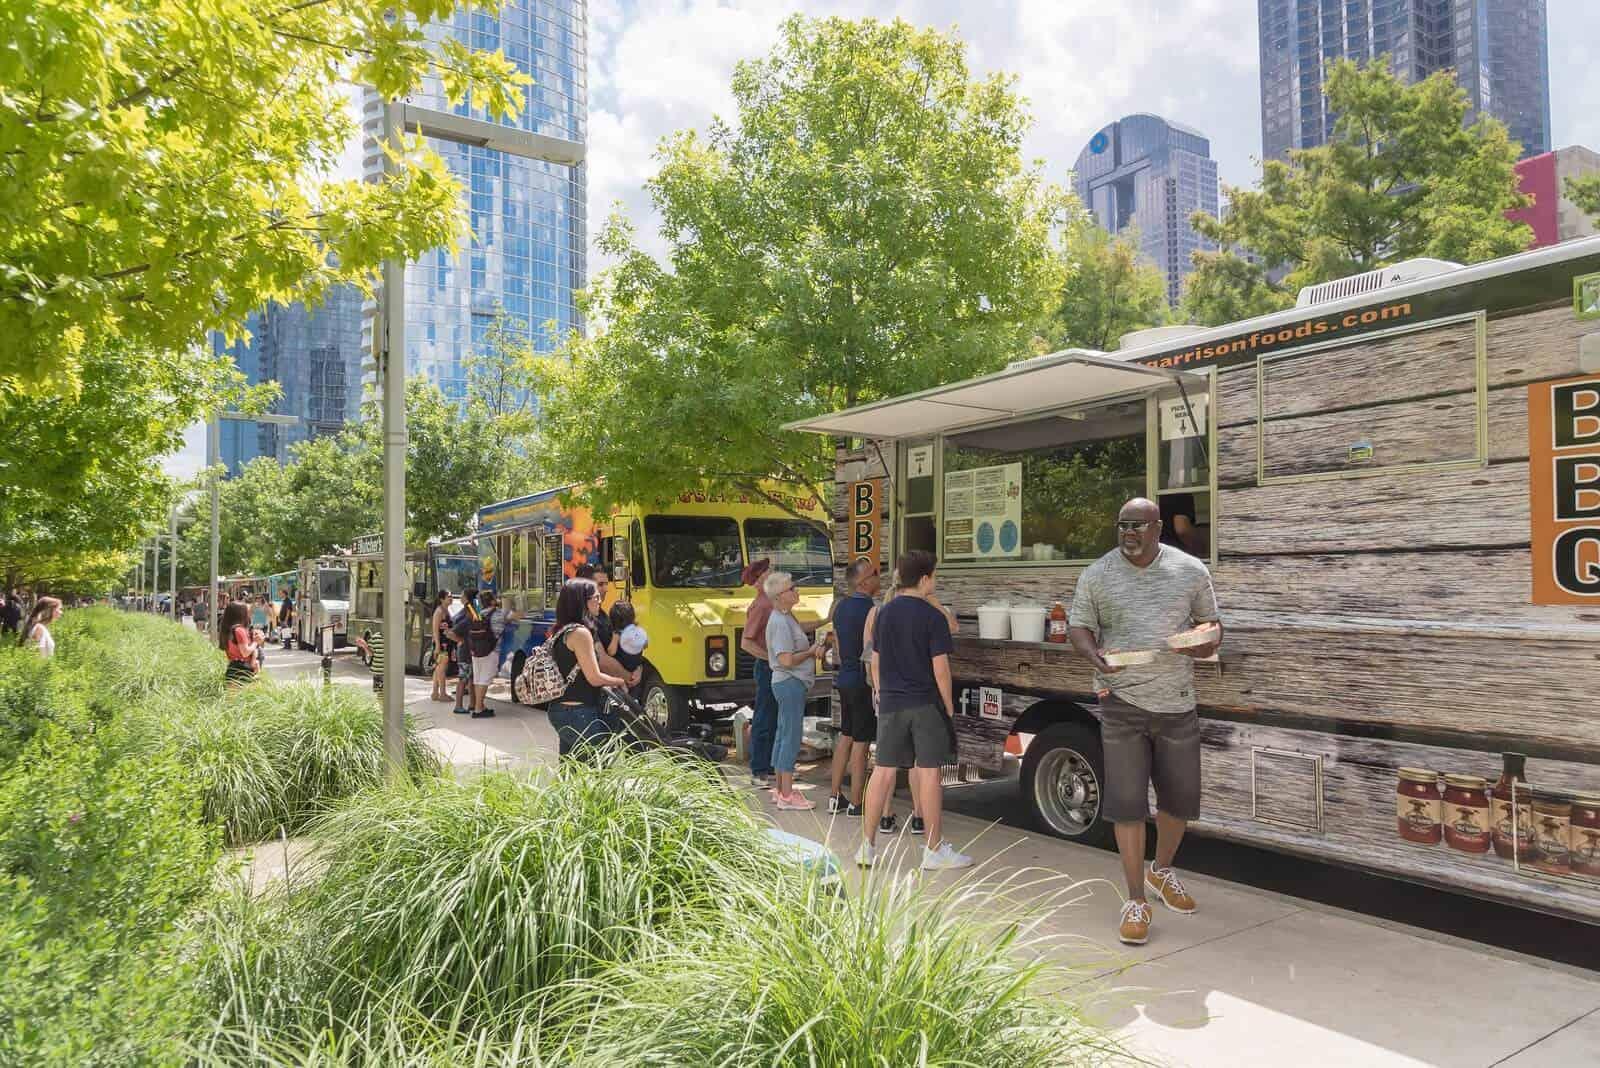 Food van serving people